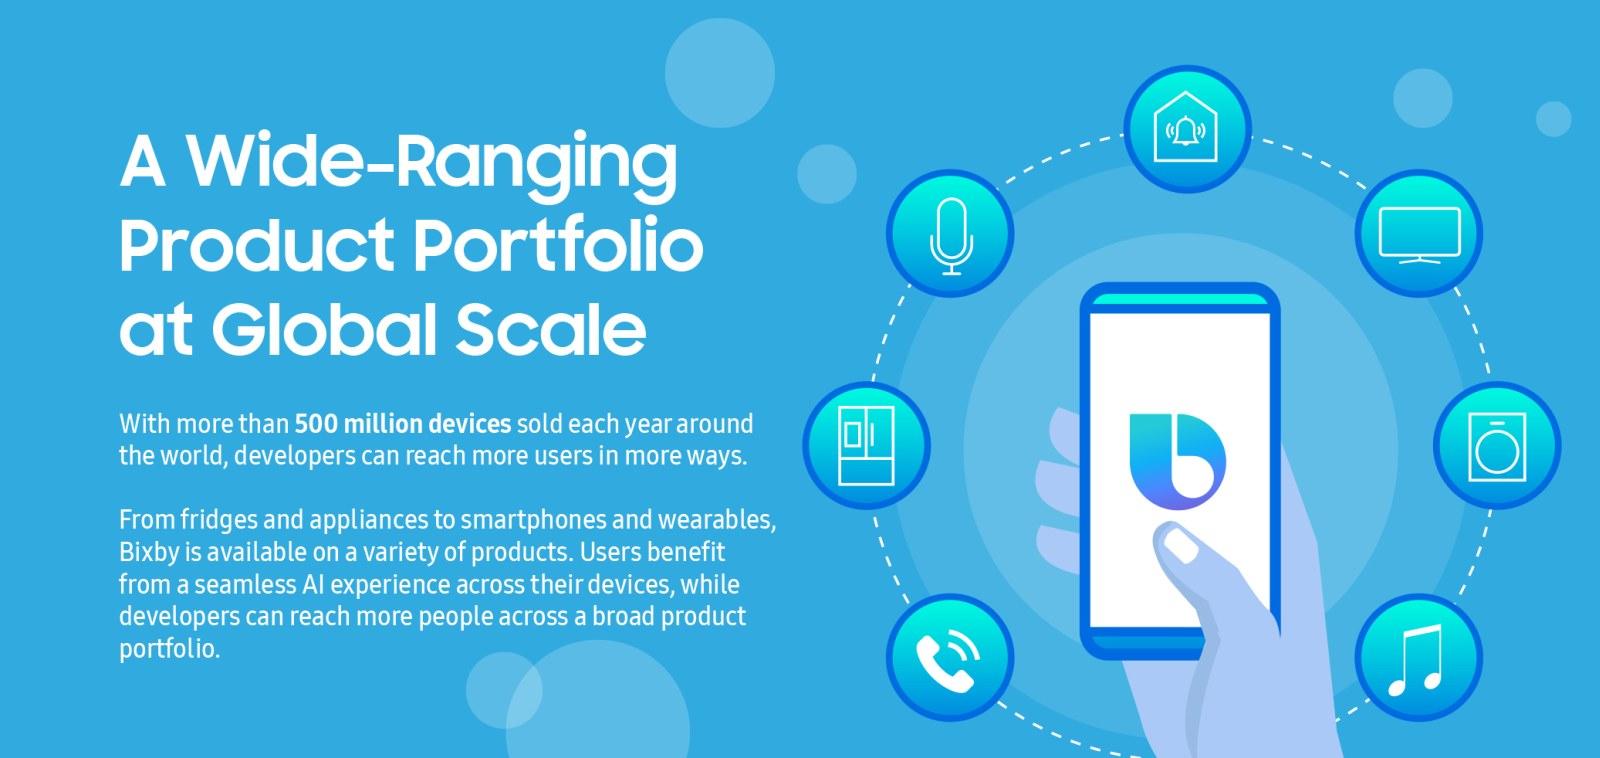 Skalowanie asystentki Samsung Bixby pod AI - fot. Samsung